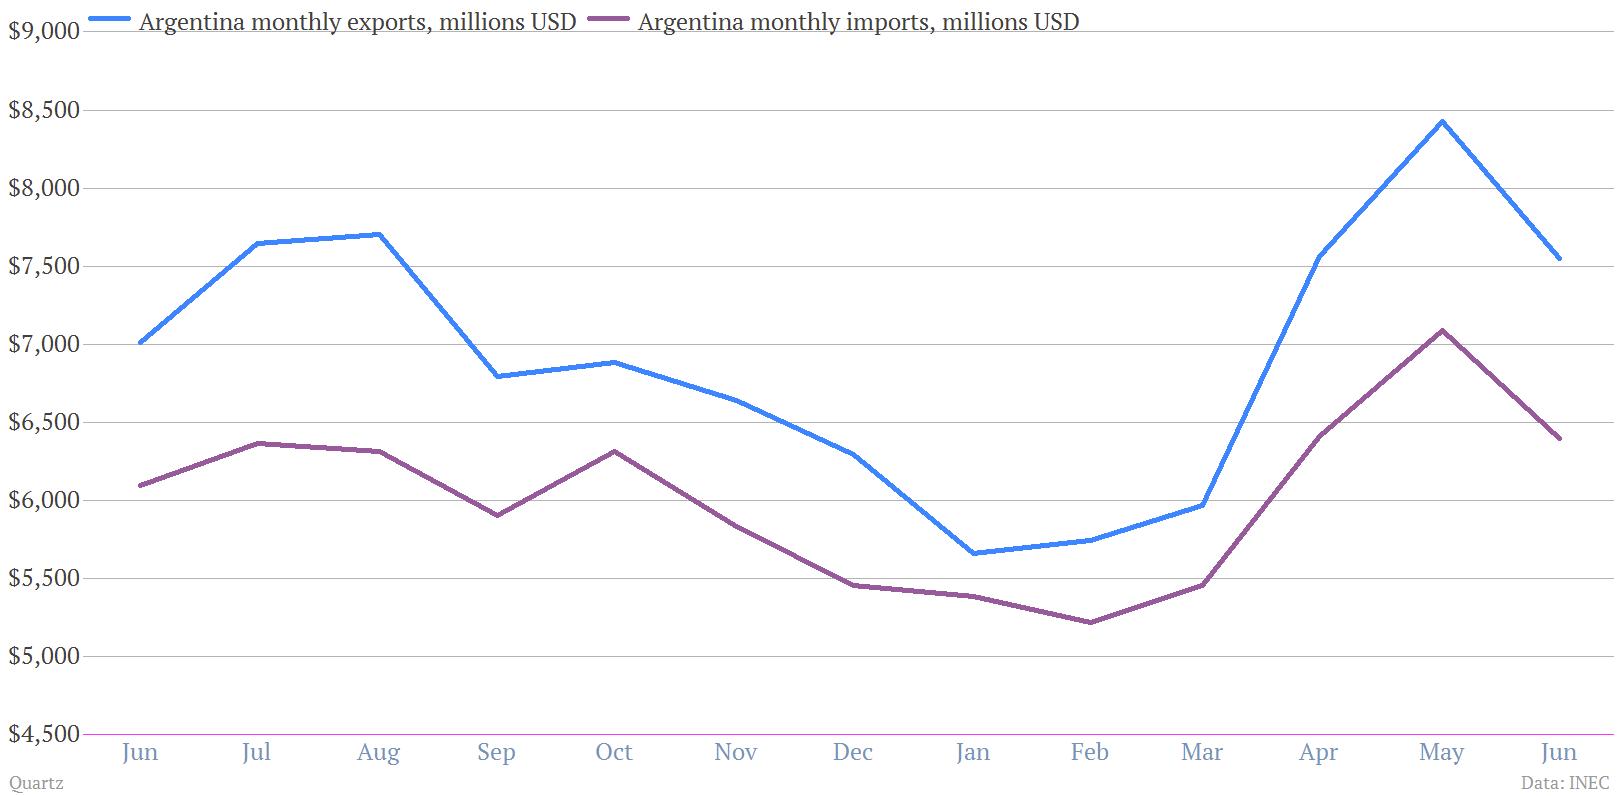 Argentina exports vs imports